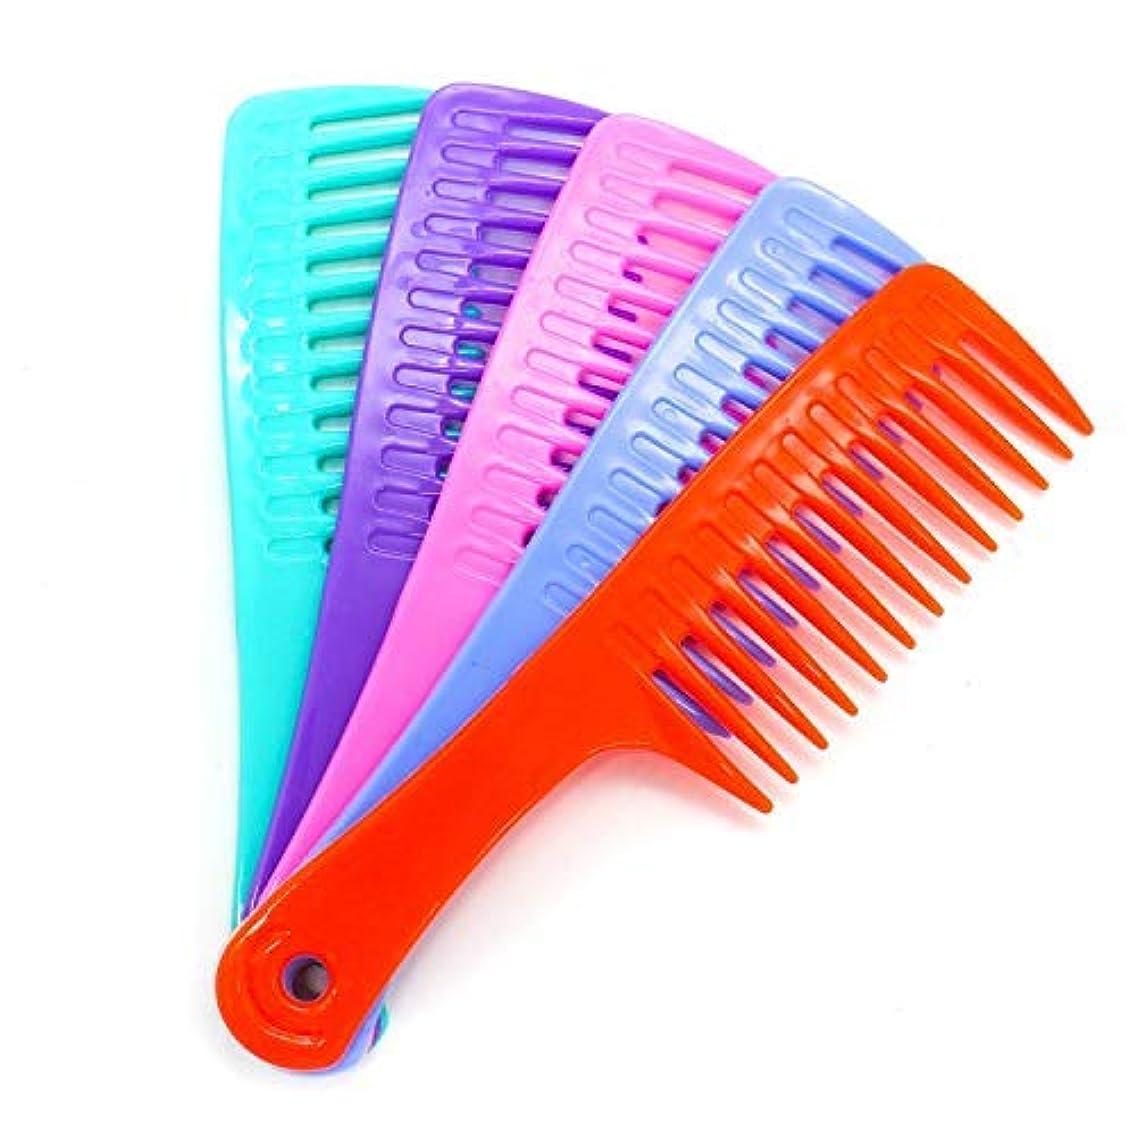 メガロポリス著作権民族主義HUELE 5 Pack Colorful Wide Tooth Detangler Hair Brush Detangling Comb for Adults & Kids Handle Comb [並行輸入品]